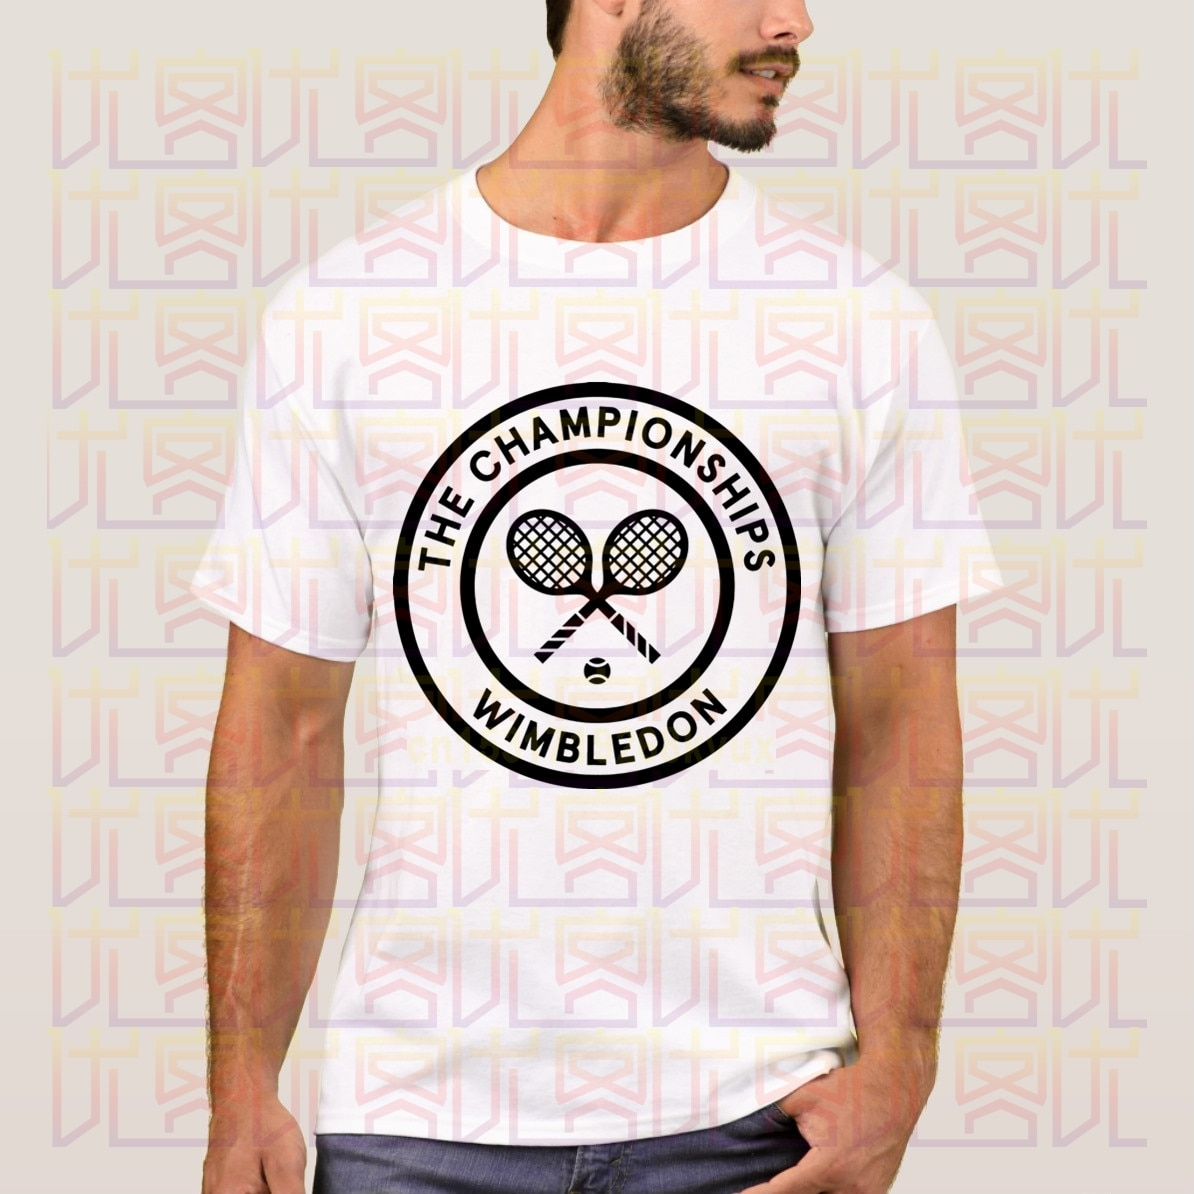 Nuevo Verano de 2020 el campeonato de Wimbledon logotipo 100% camiseta Casual de algodón Homme Tops Tees S-4XL